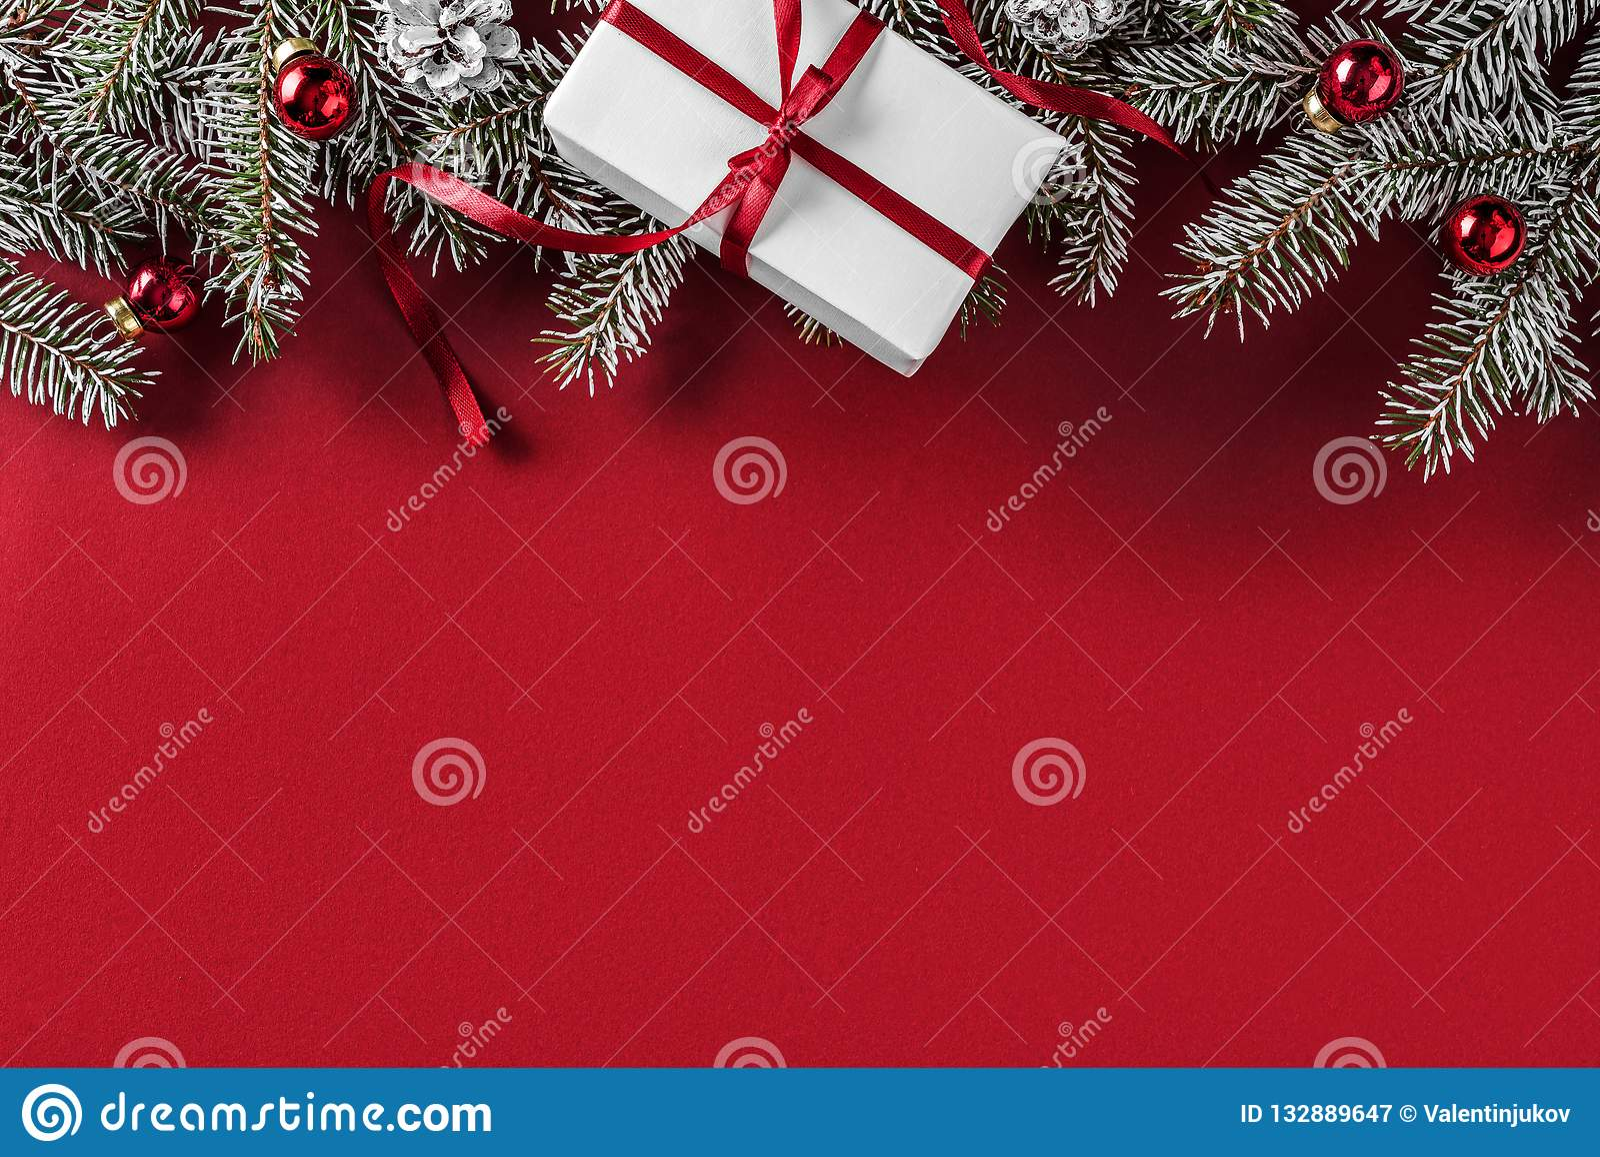 Cadre créatif de disposition fait de branches de sapin de Noël, cônes de pin, cadeaux, décoration rouge sur le fond rouge